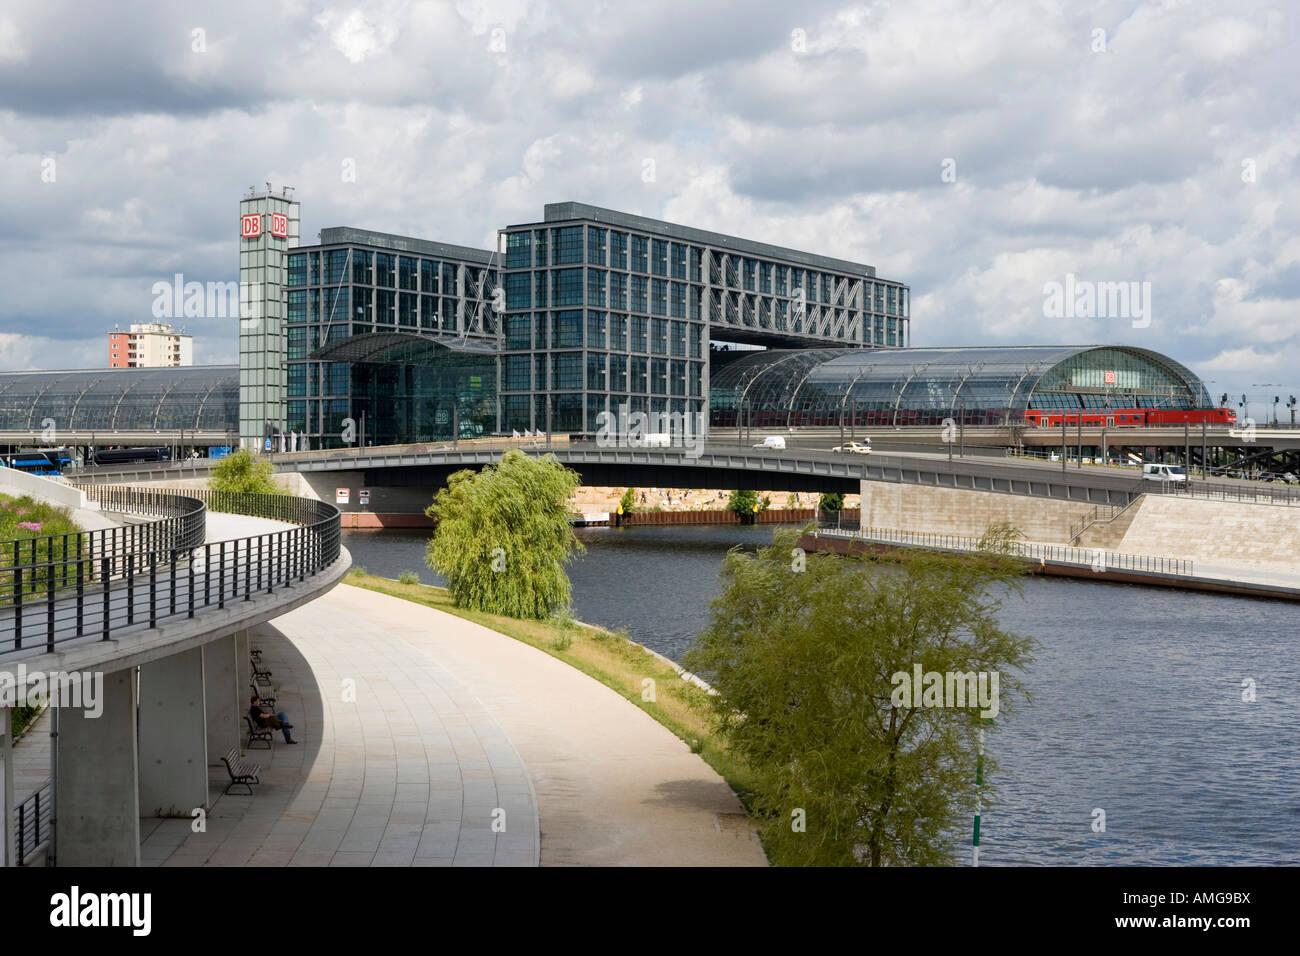 Stazione centrale di Berlino. Architetto: Gerkan Marg e partner Immagini Stock